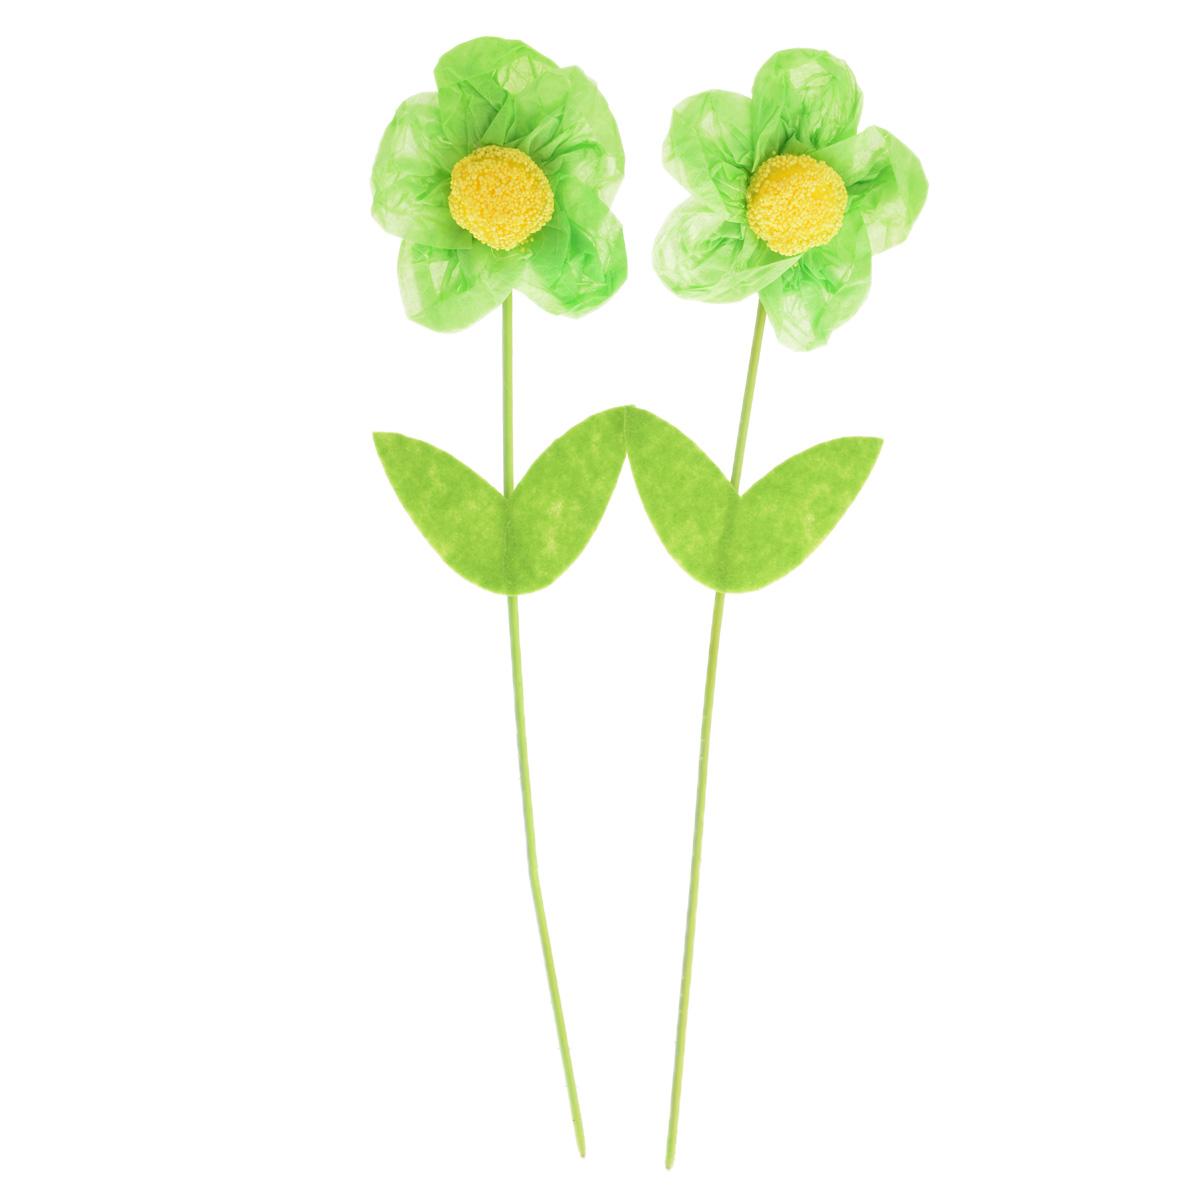 Набор декоративных украшений Home Queen Цветок, цвет: зеленый, 2 шт, высота 25 см60737_1Набор Home Queen Цветок состоит из двух декоративных украшений, изготовленных в виде цветов из бумаги, пластика и полиэстера. Украшения помогут вам украсить дом, а также оформить подарки для ваших близких. В стебли цветков вставлена металлическая проволока, благодаря чему они легко гнутся. С помощью таких украшений вы сможете оживить интерьер по своему вкусу. Высота цветка: 25 см. Диаметр цветка: 5,5 см.